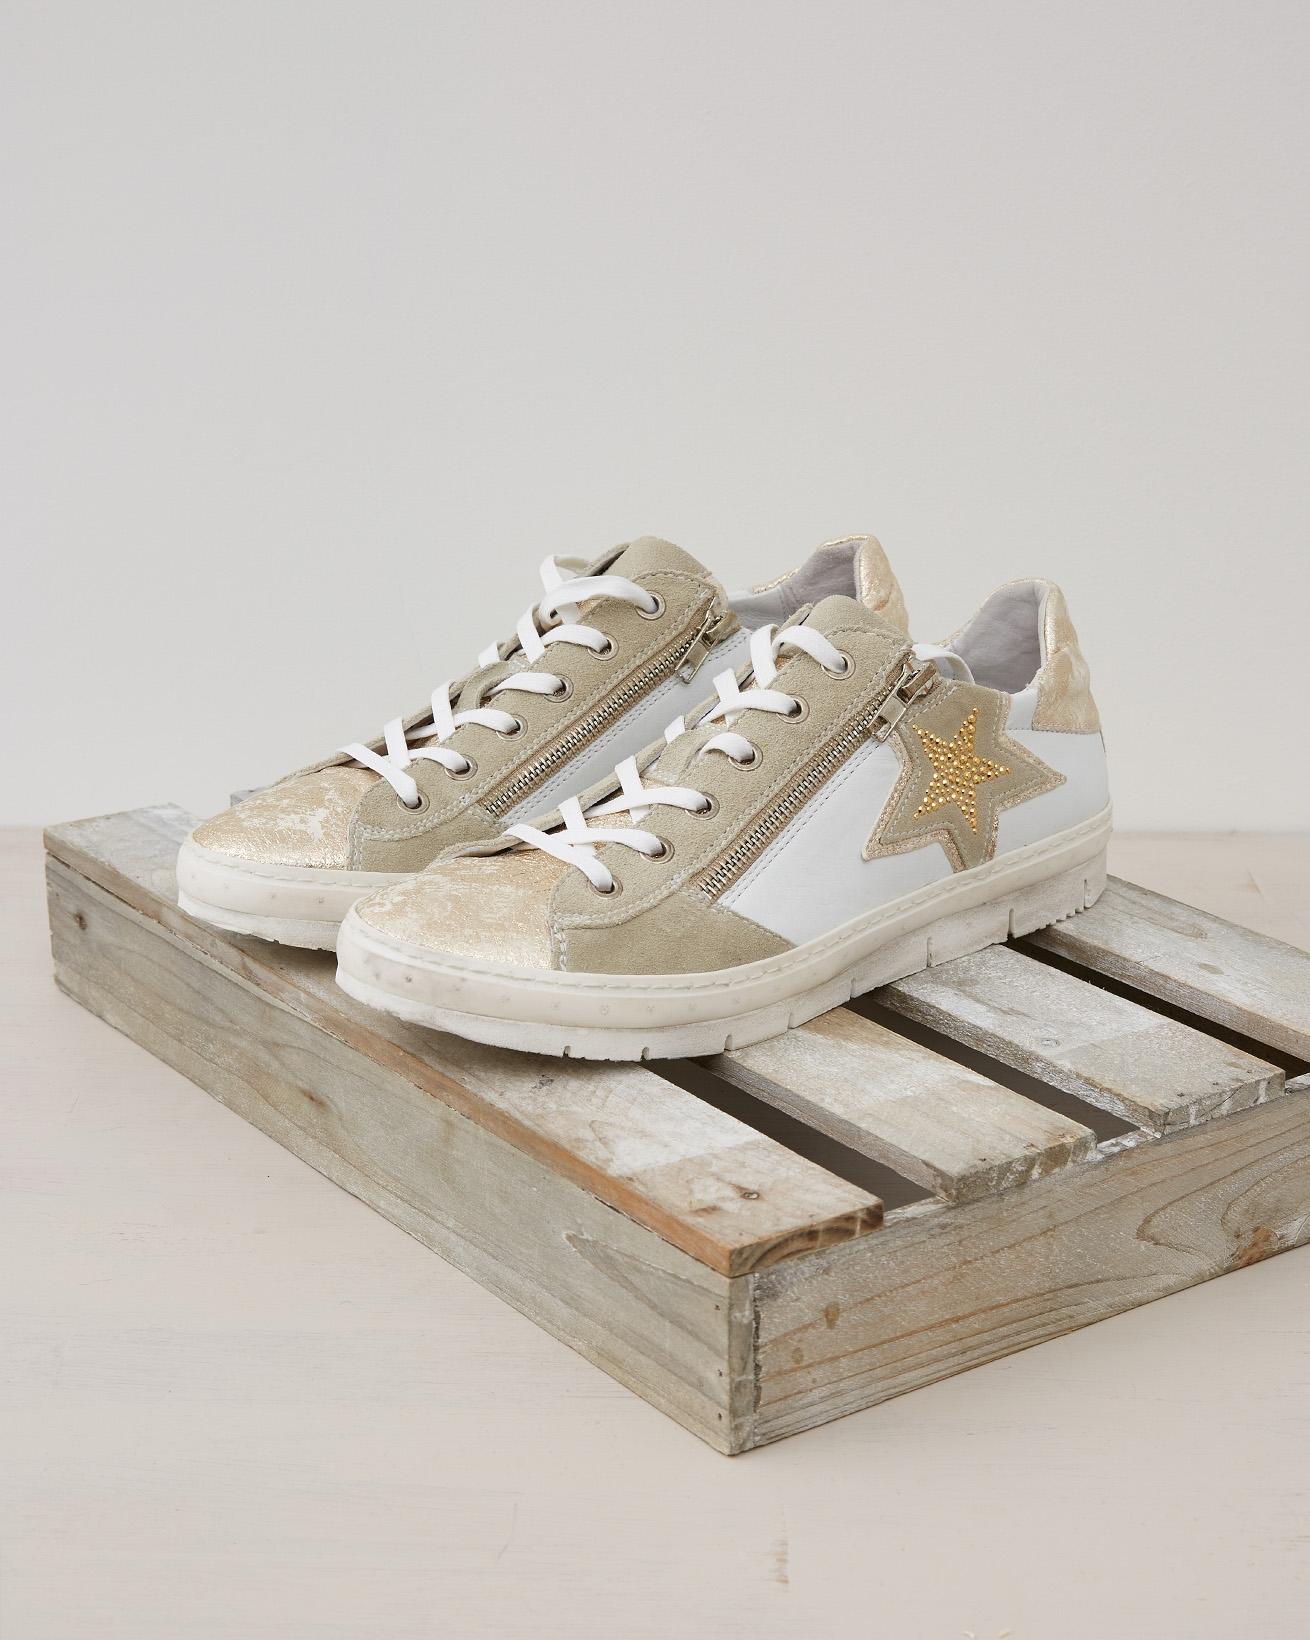 Embellished Trainer - Gold, Grey - Size 39 - 2490